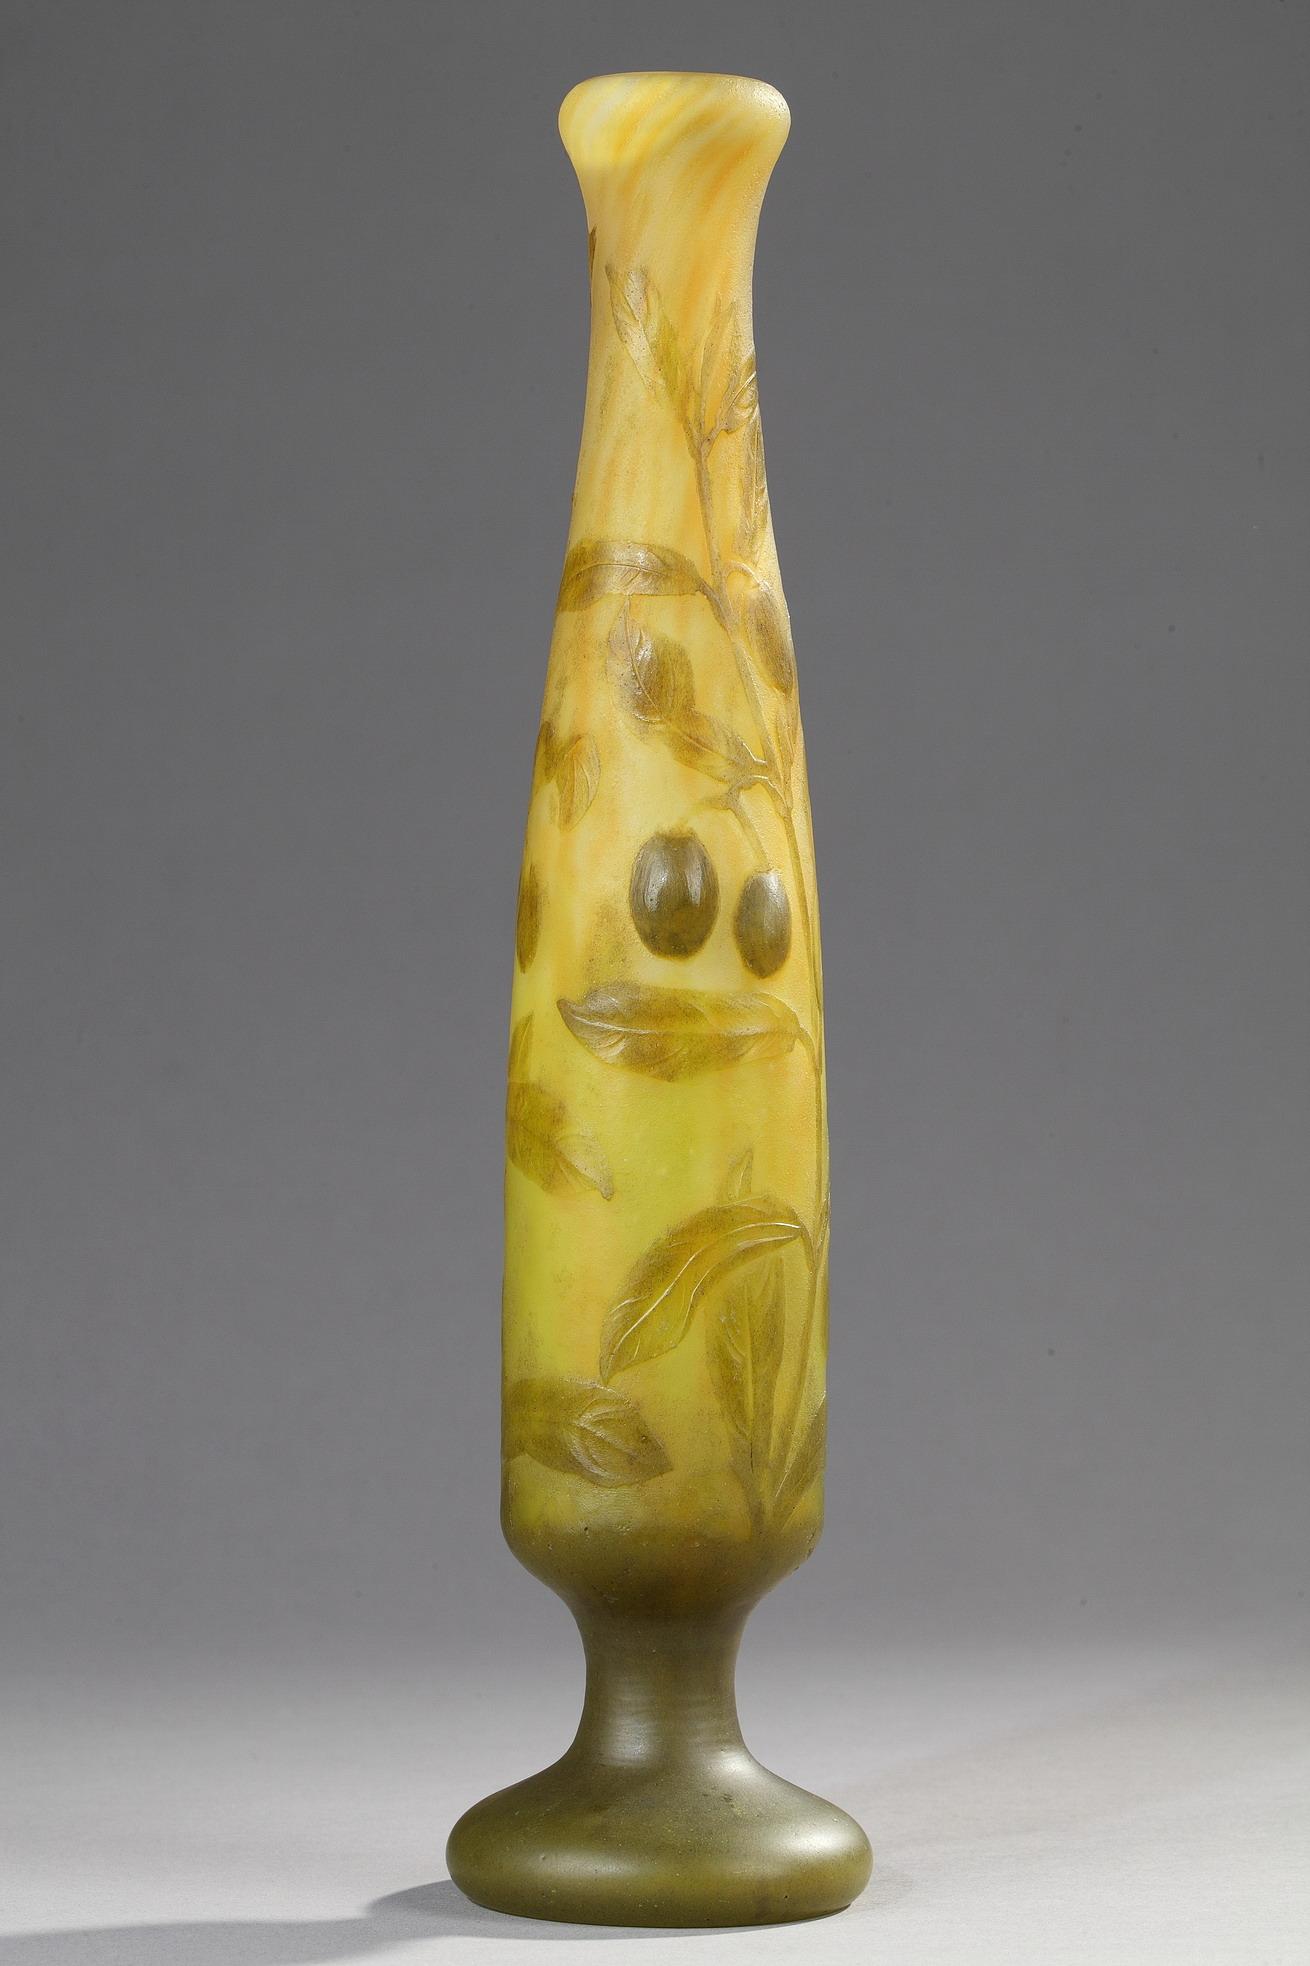 Daum, Vase à décor d'Oliviers, Haut. 29,5 cm. sculptures, verreries - galerie Tourbillon, Paris